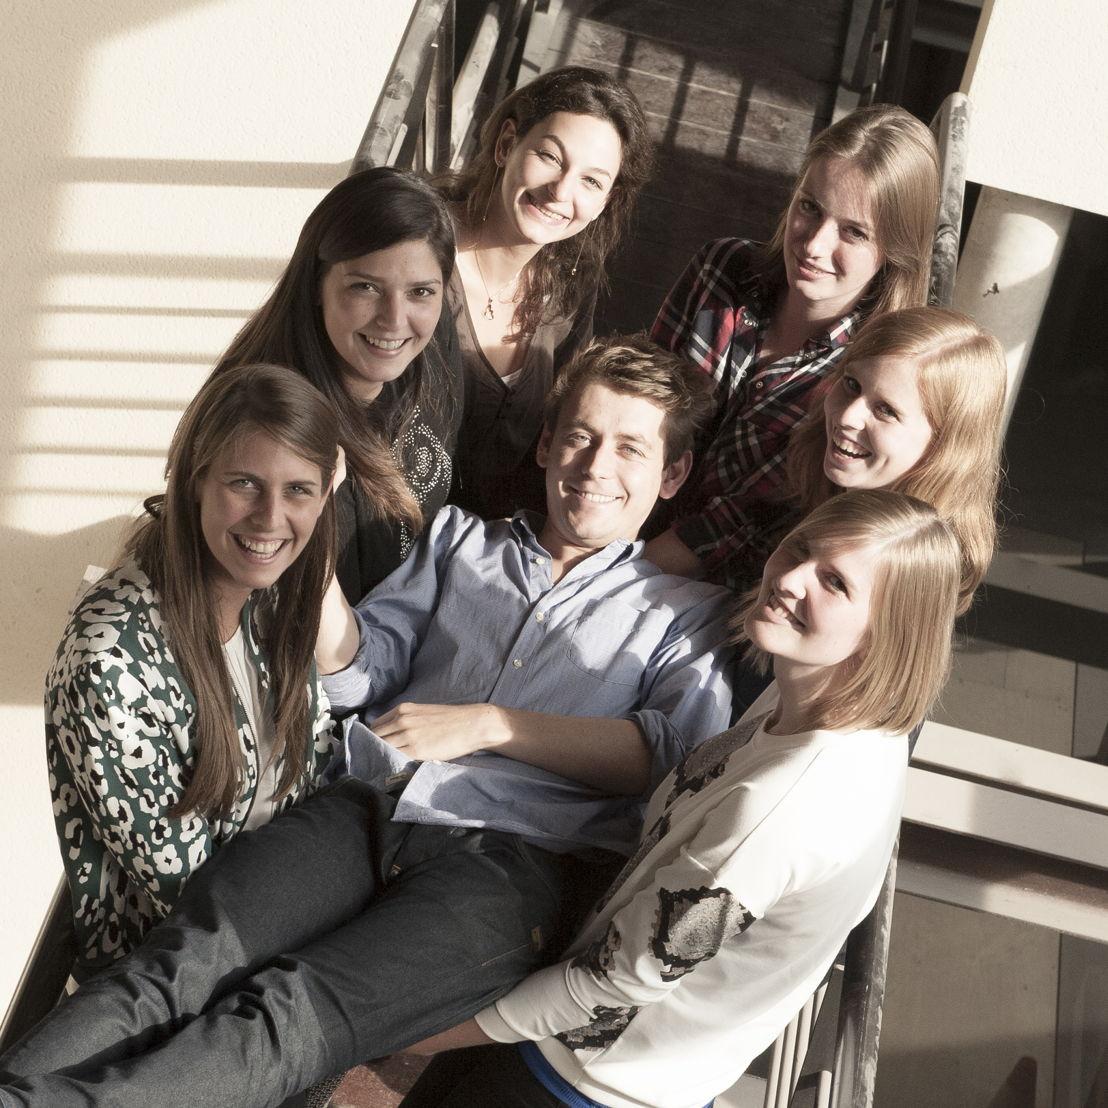 La nouvelle génération: Pauline, Olivia, Nada, Pieterjan, Astrid, Charis & Stephanie